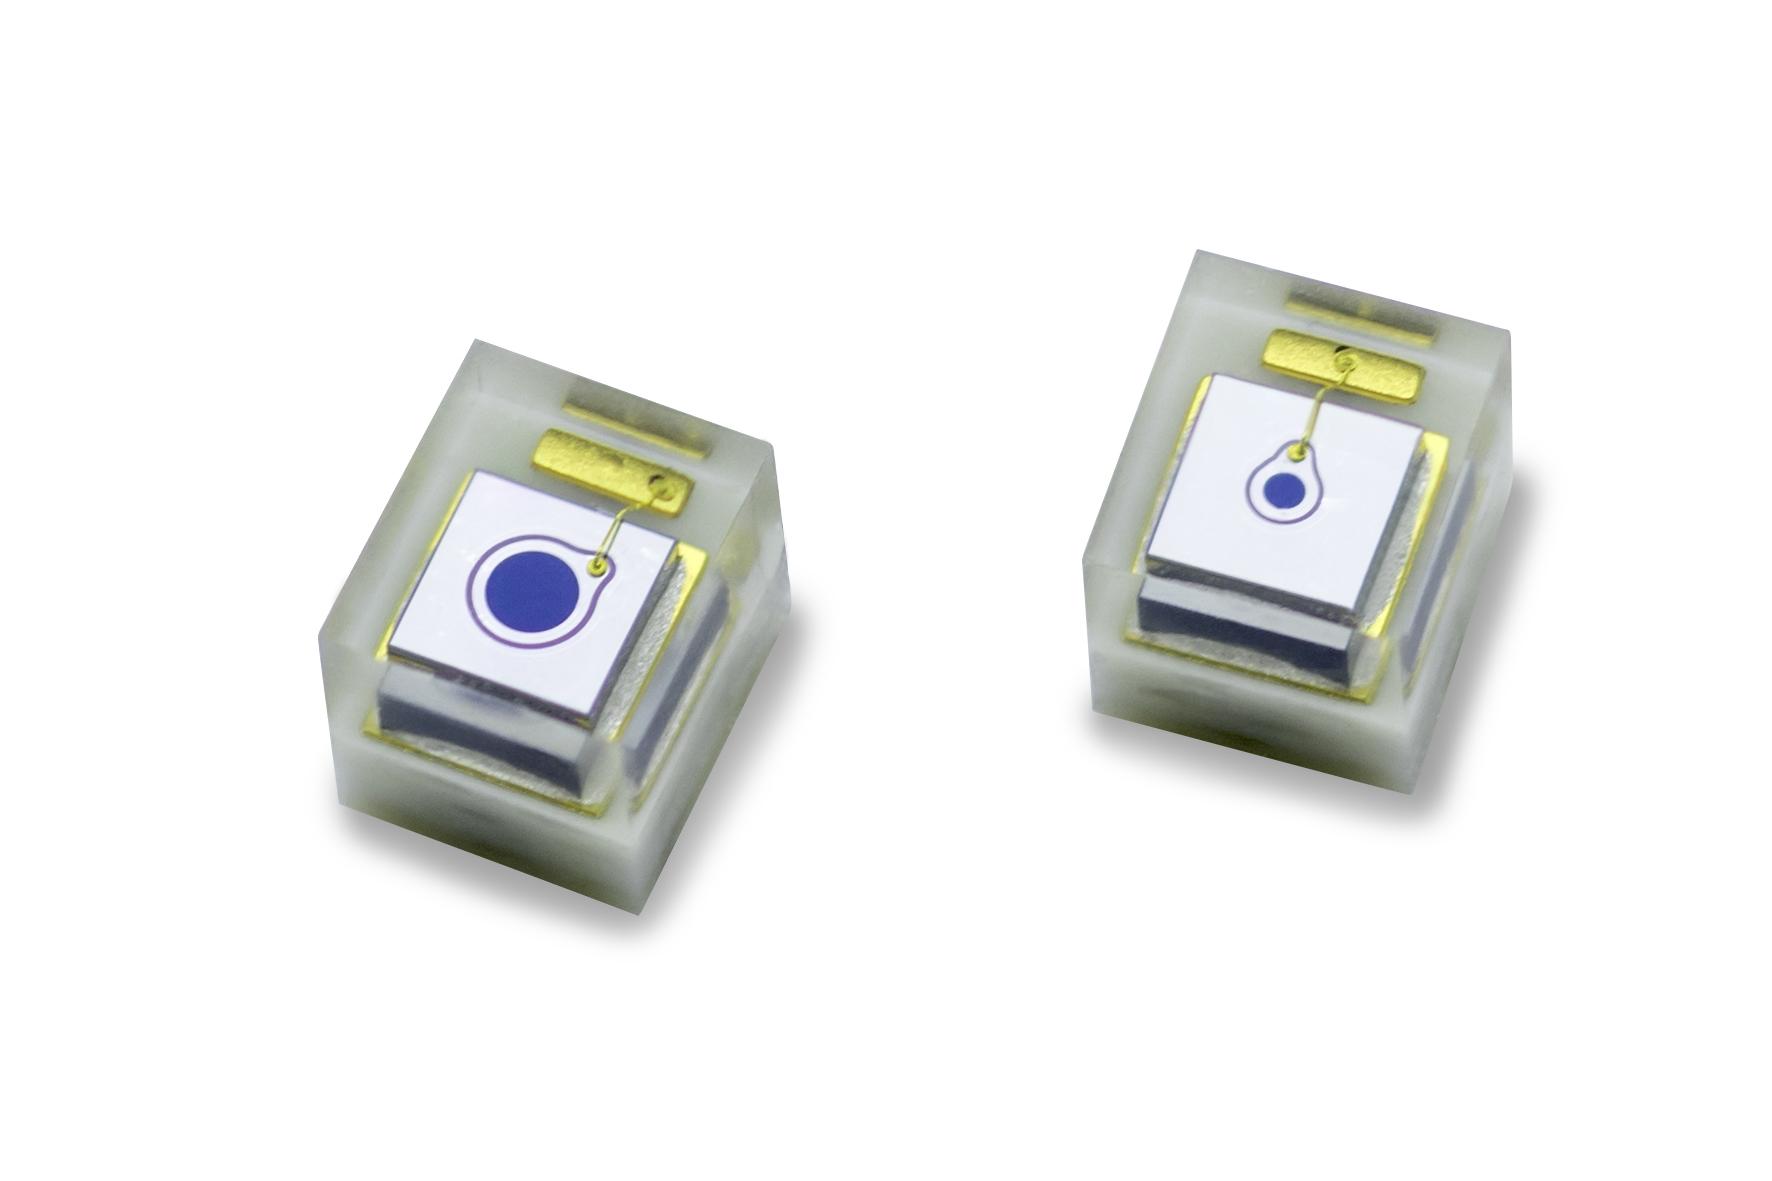 Ultraschall Entfernungsmesser Funktionsweise : Infrarot entfernungsmesser funktionsweise laser